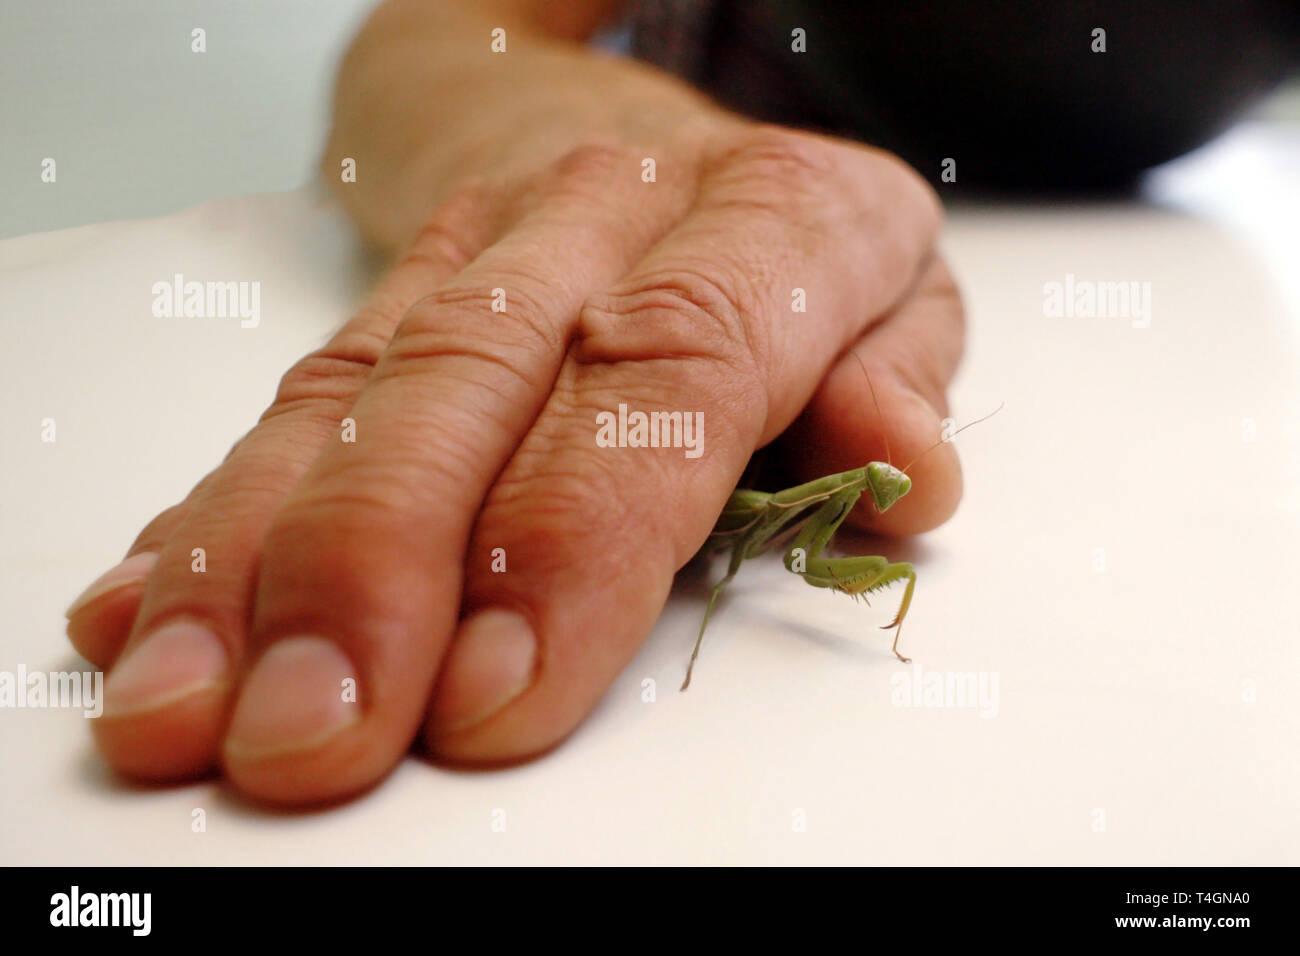 Mantis Insekt unter dem erwachsenen Mann hand Stockbild